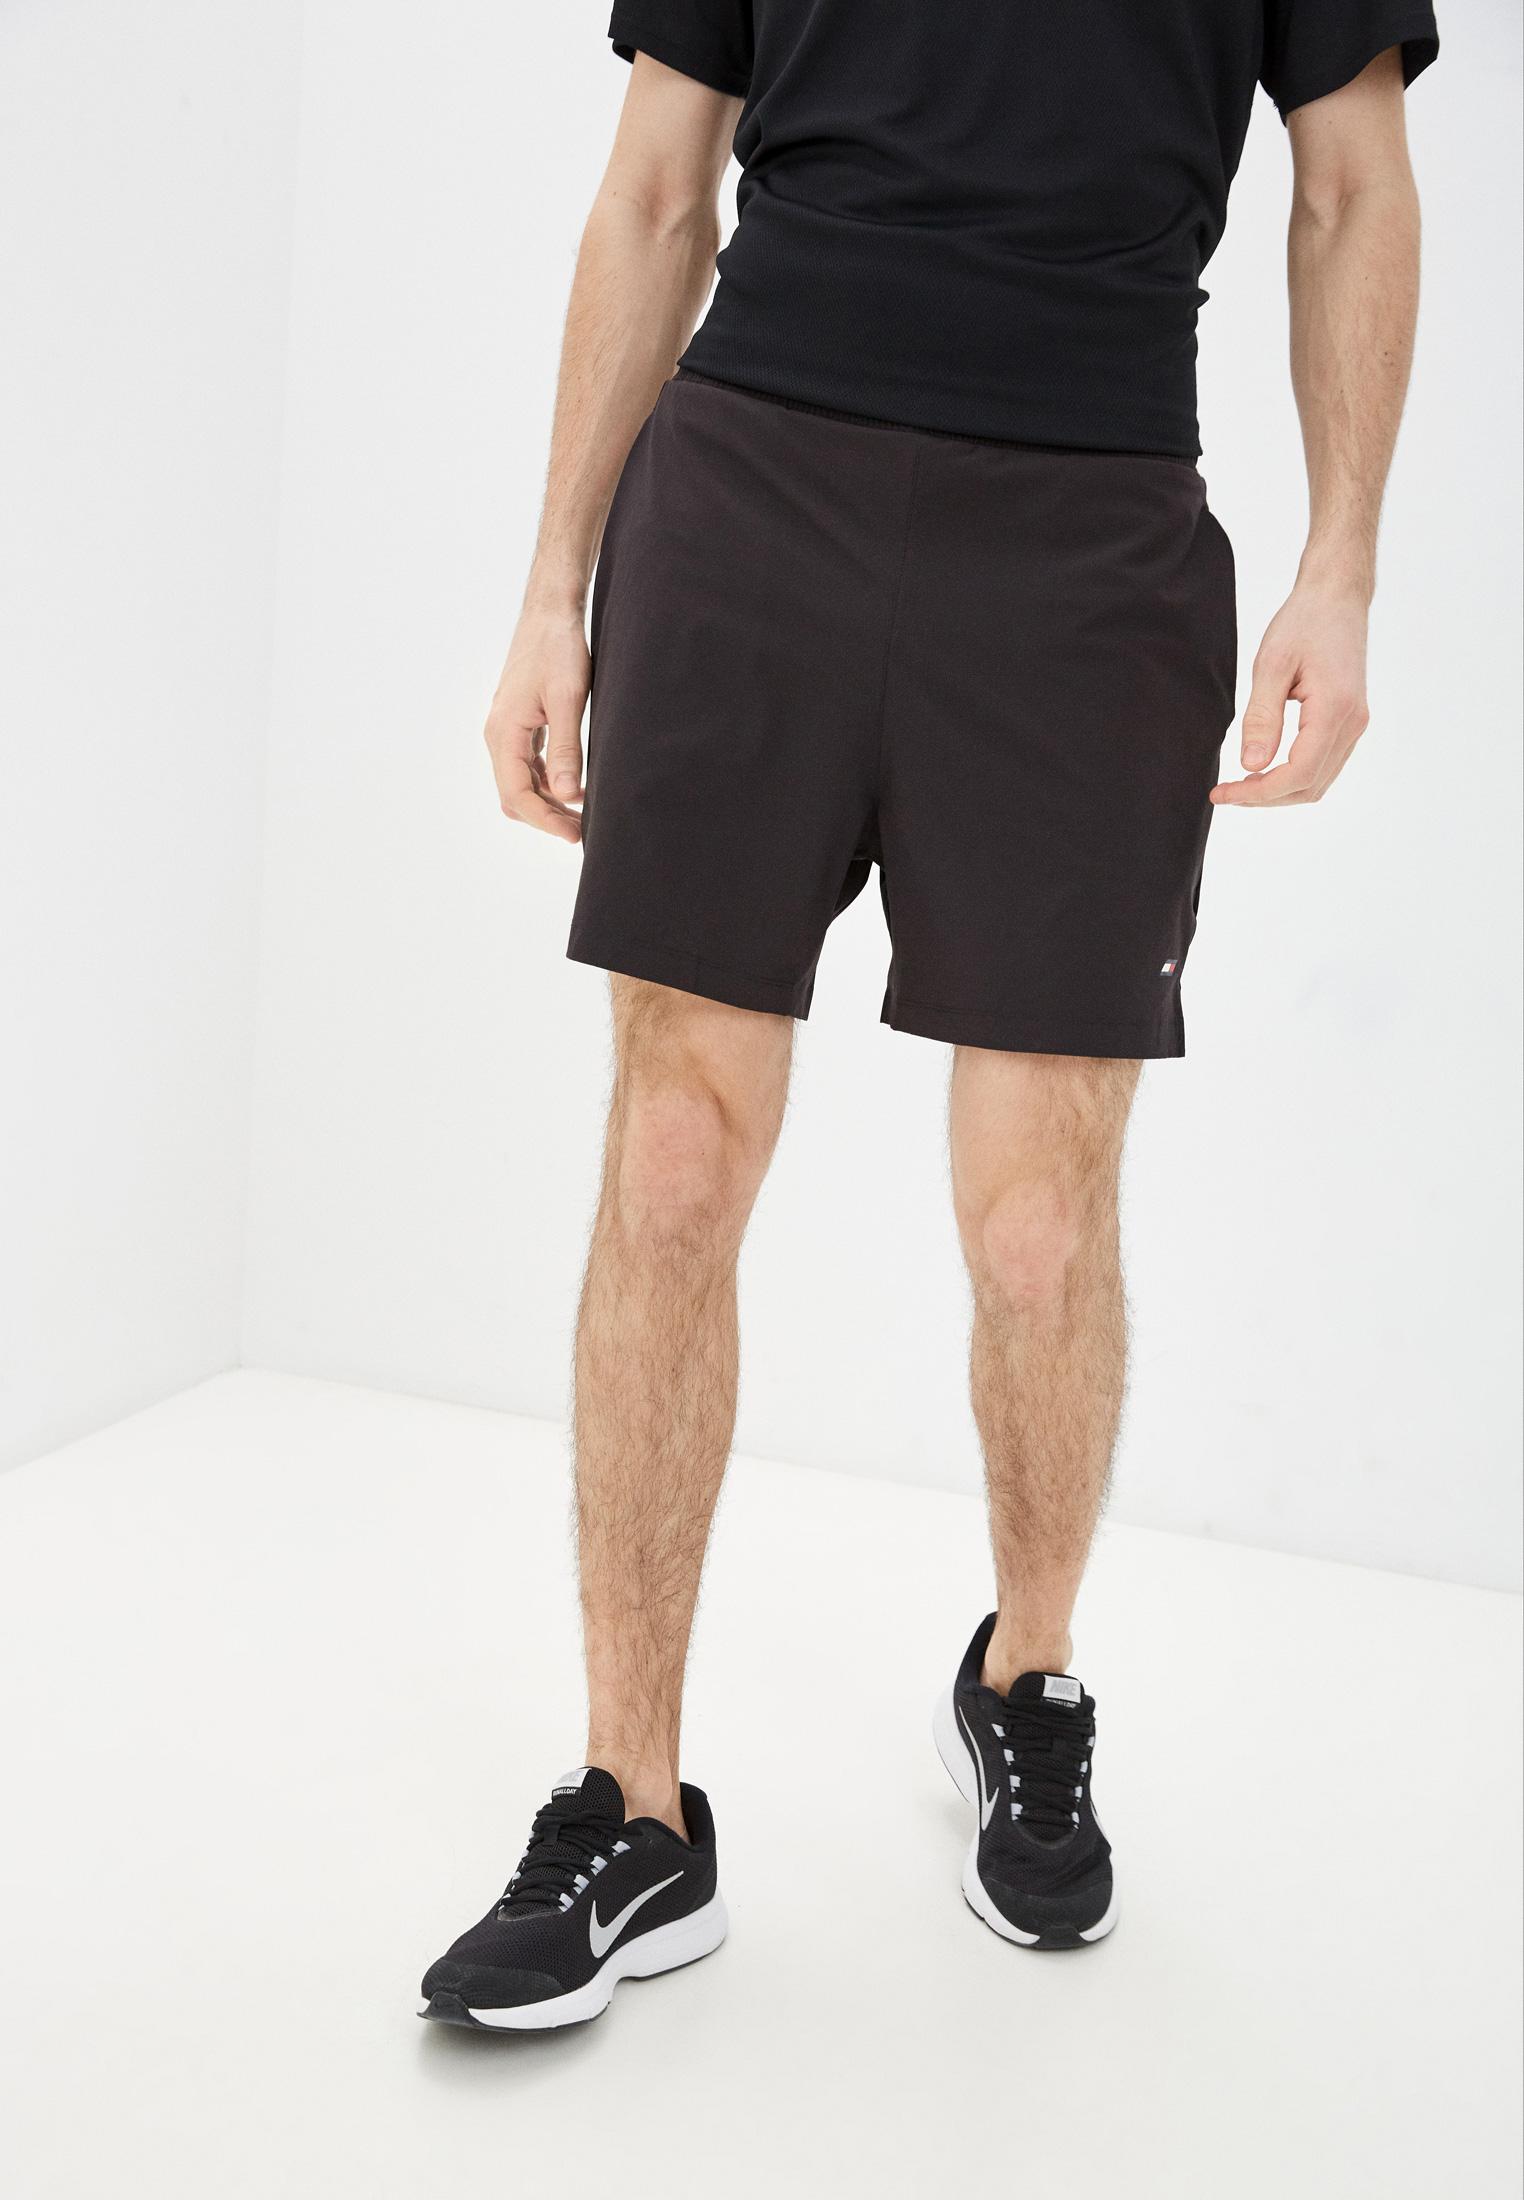 Мужские повседневные шорты Tommy Hilfiger (Томми Хилфигер) Шорты спортивные Tommy Hilfiger